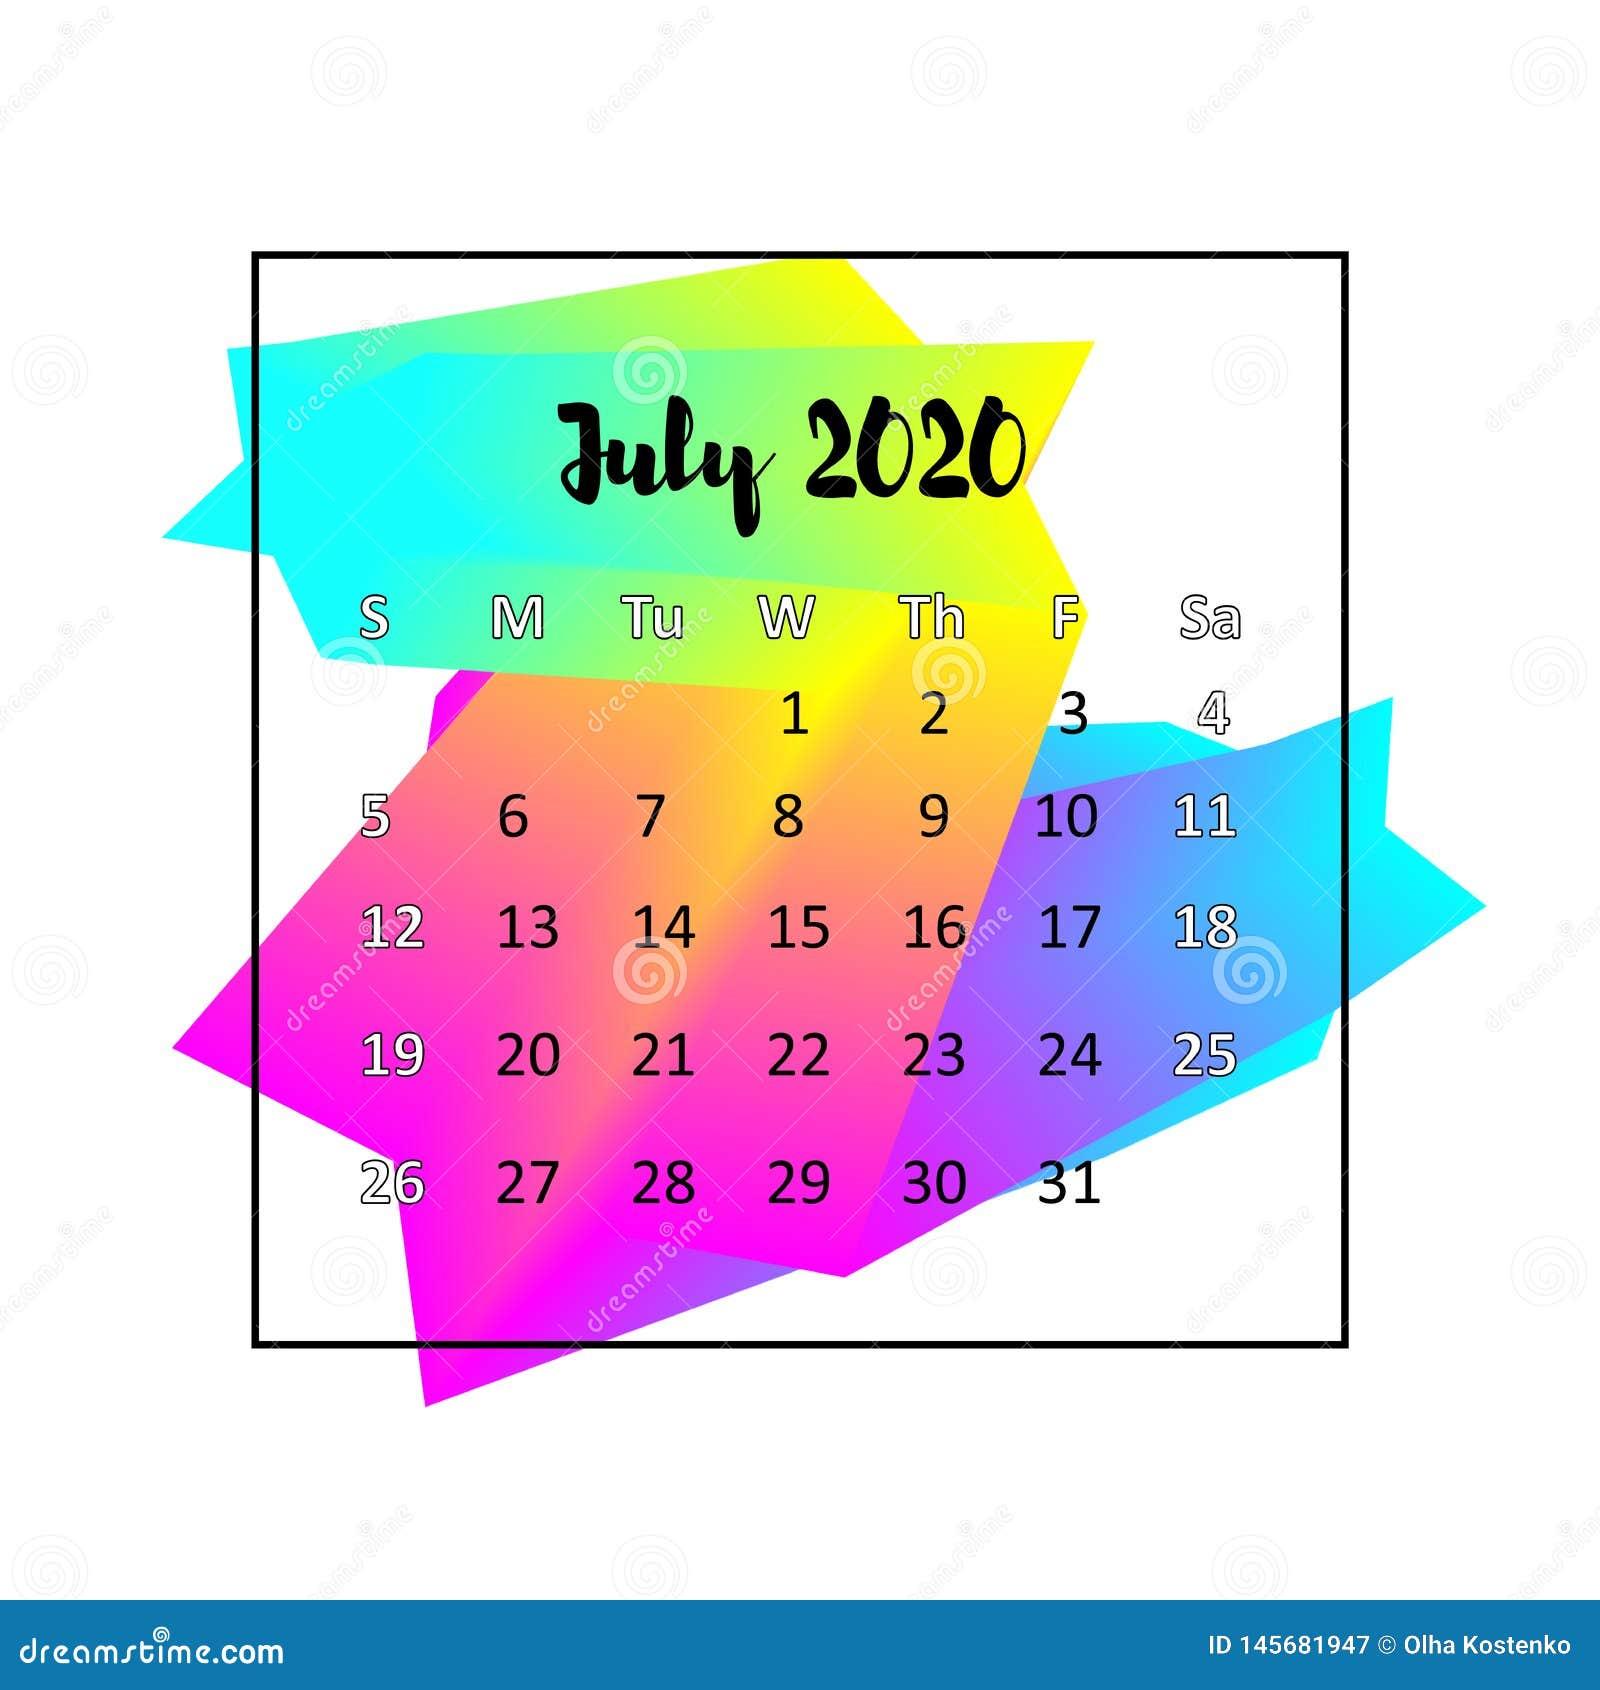 July Calendar 2020.2020 Calendar Design Abstract Concept July 2020 Stock Vector